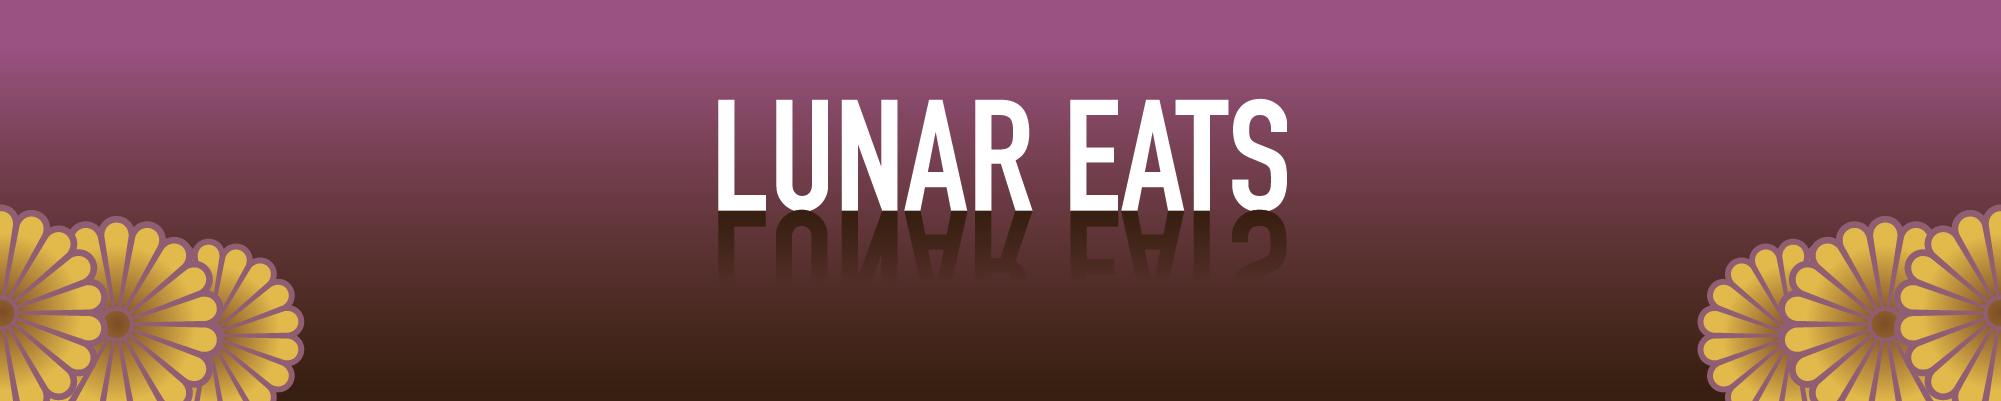 Section Title - Lunar Eats